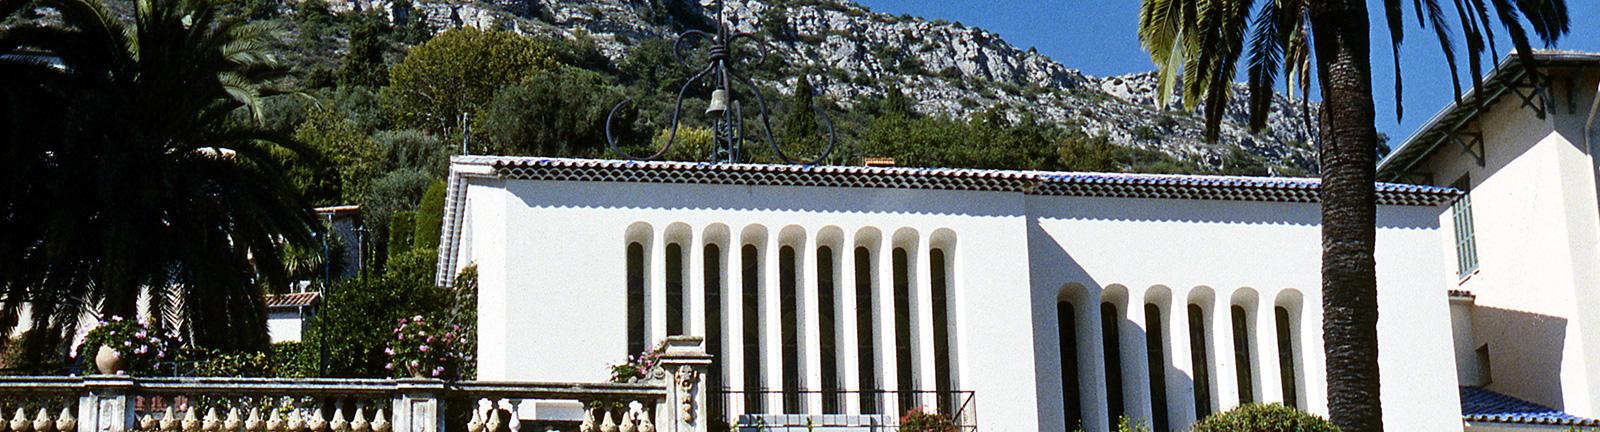 Chapelle du Rosaire à Vence